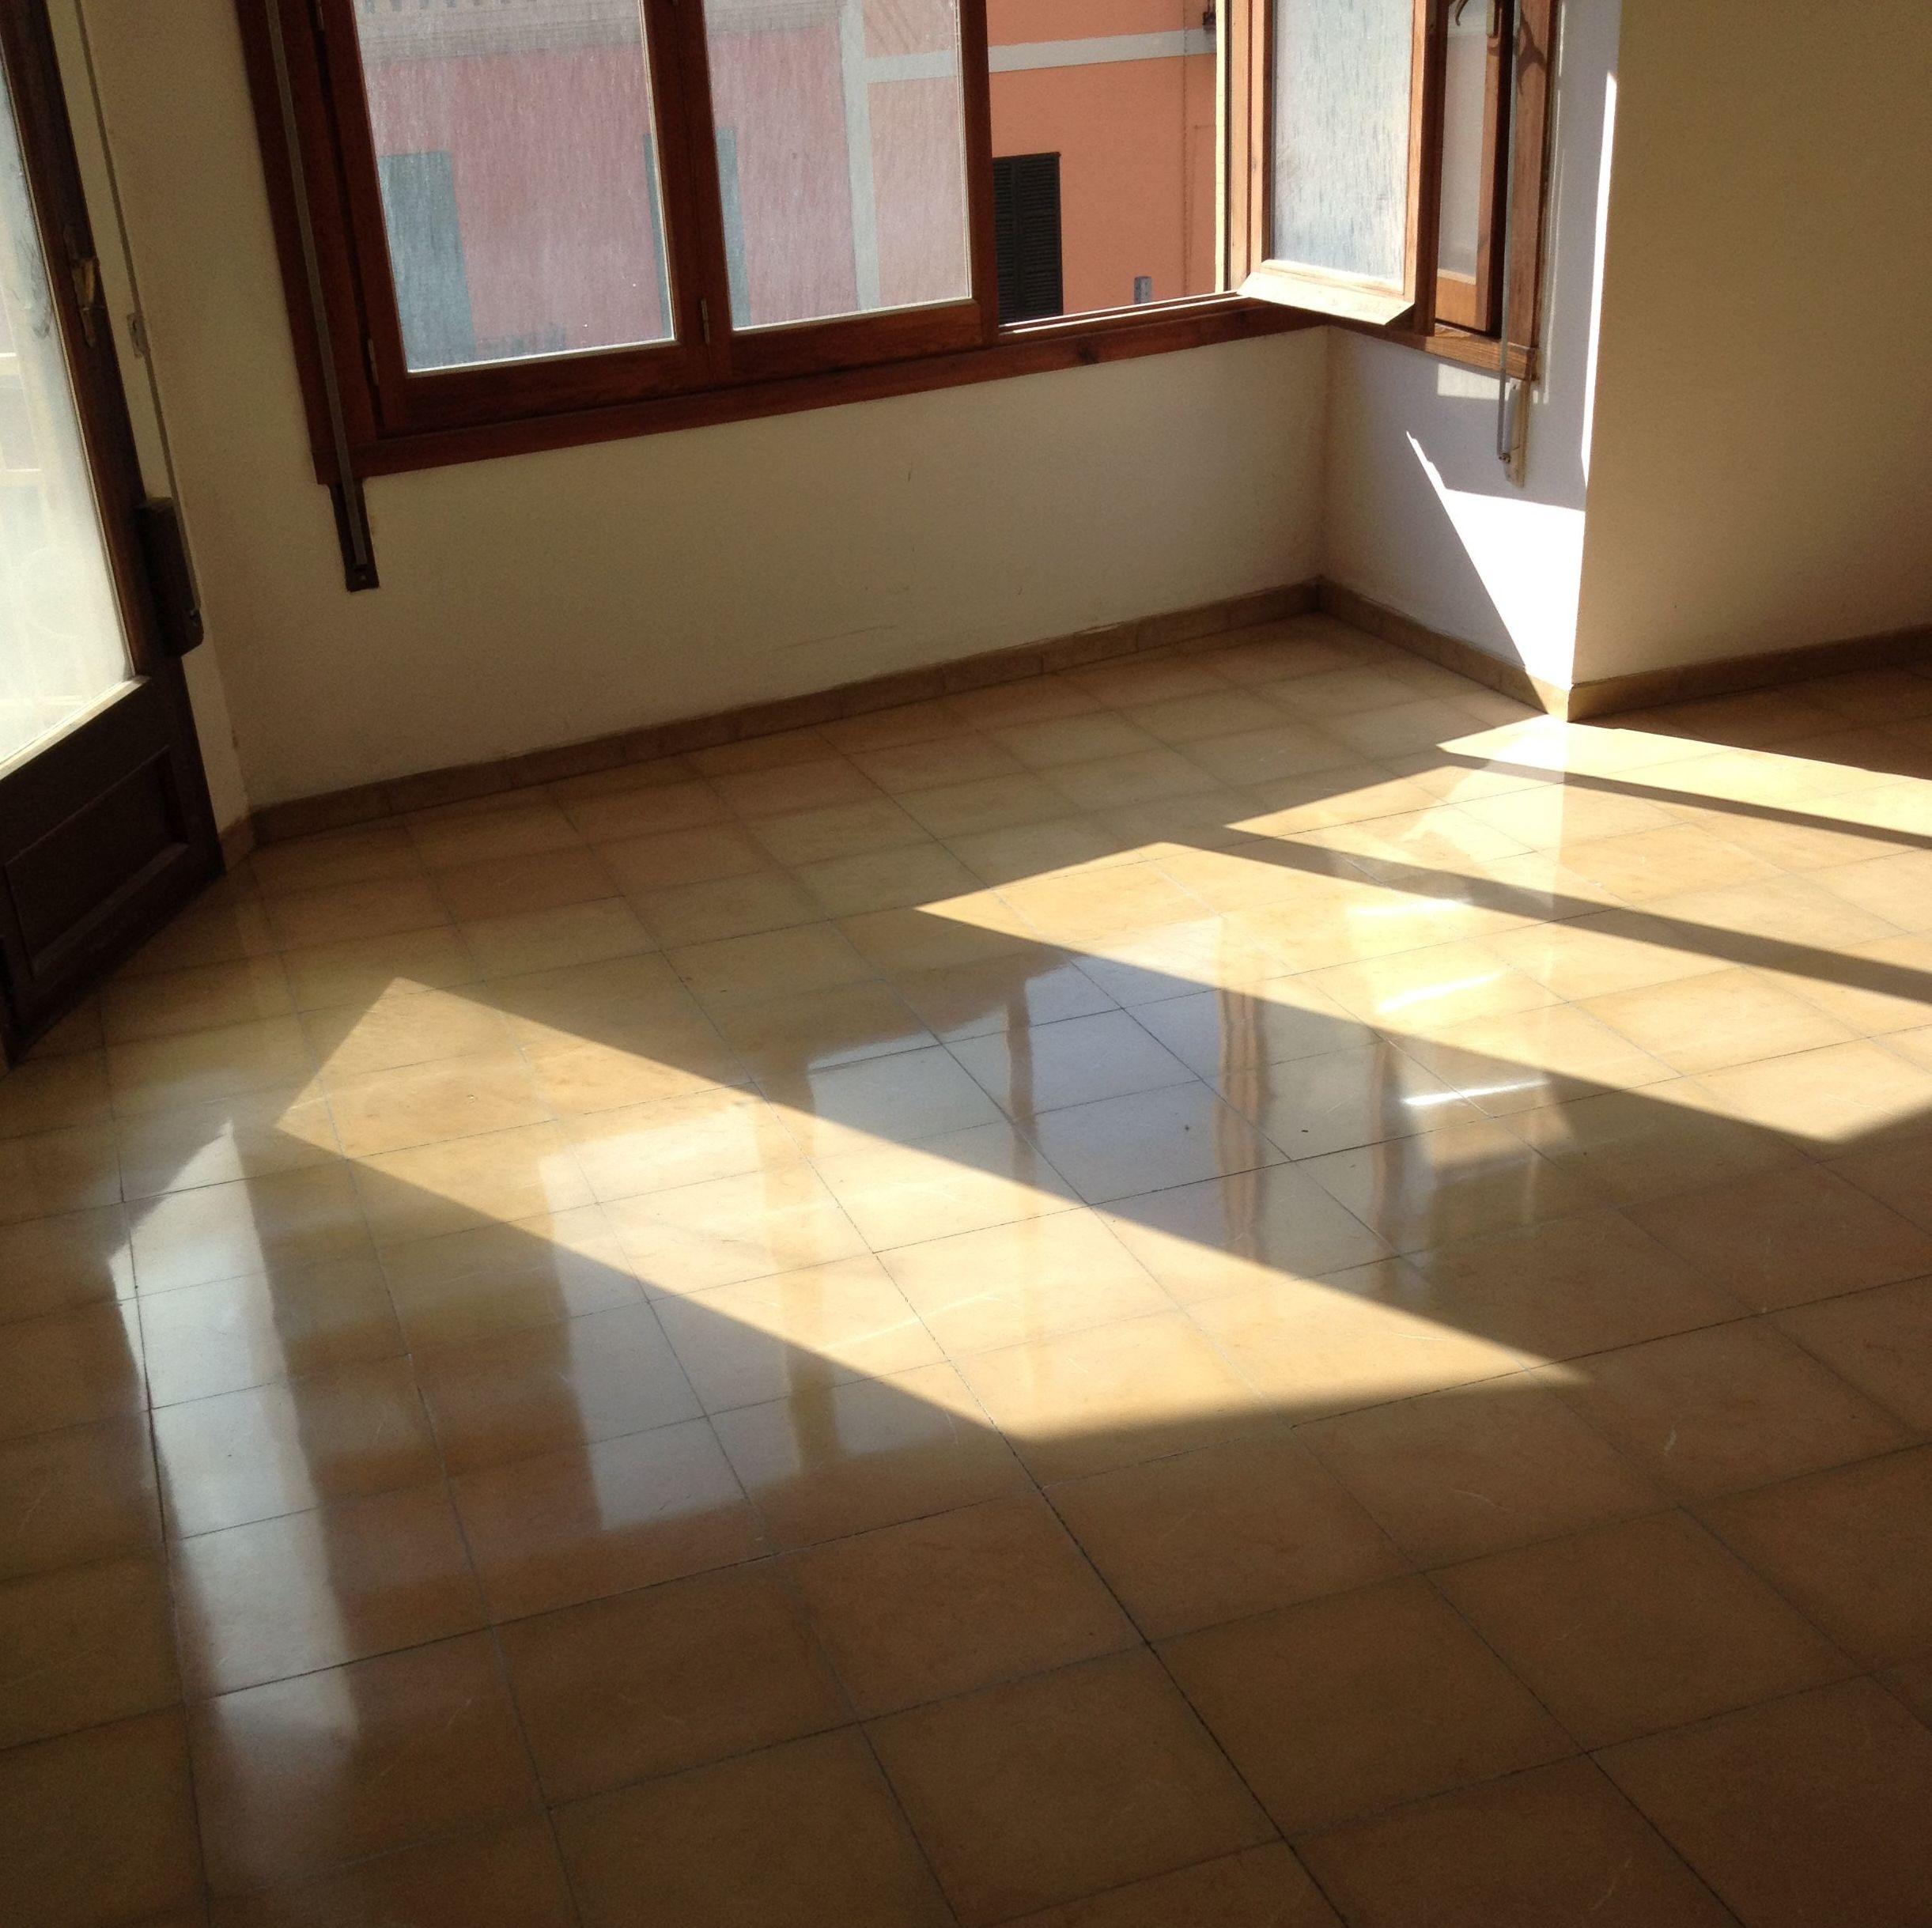 Tratamientos de pulido y abrillantado de diferentes pavimentos,tipo mármol, terrazo, hidráulico...